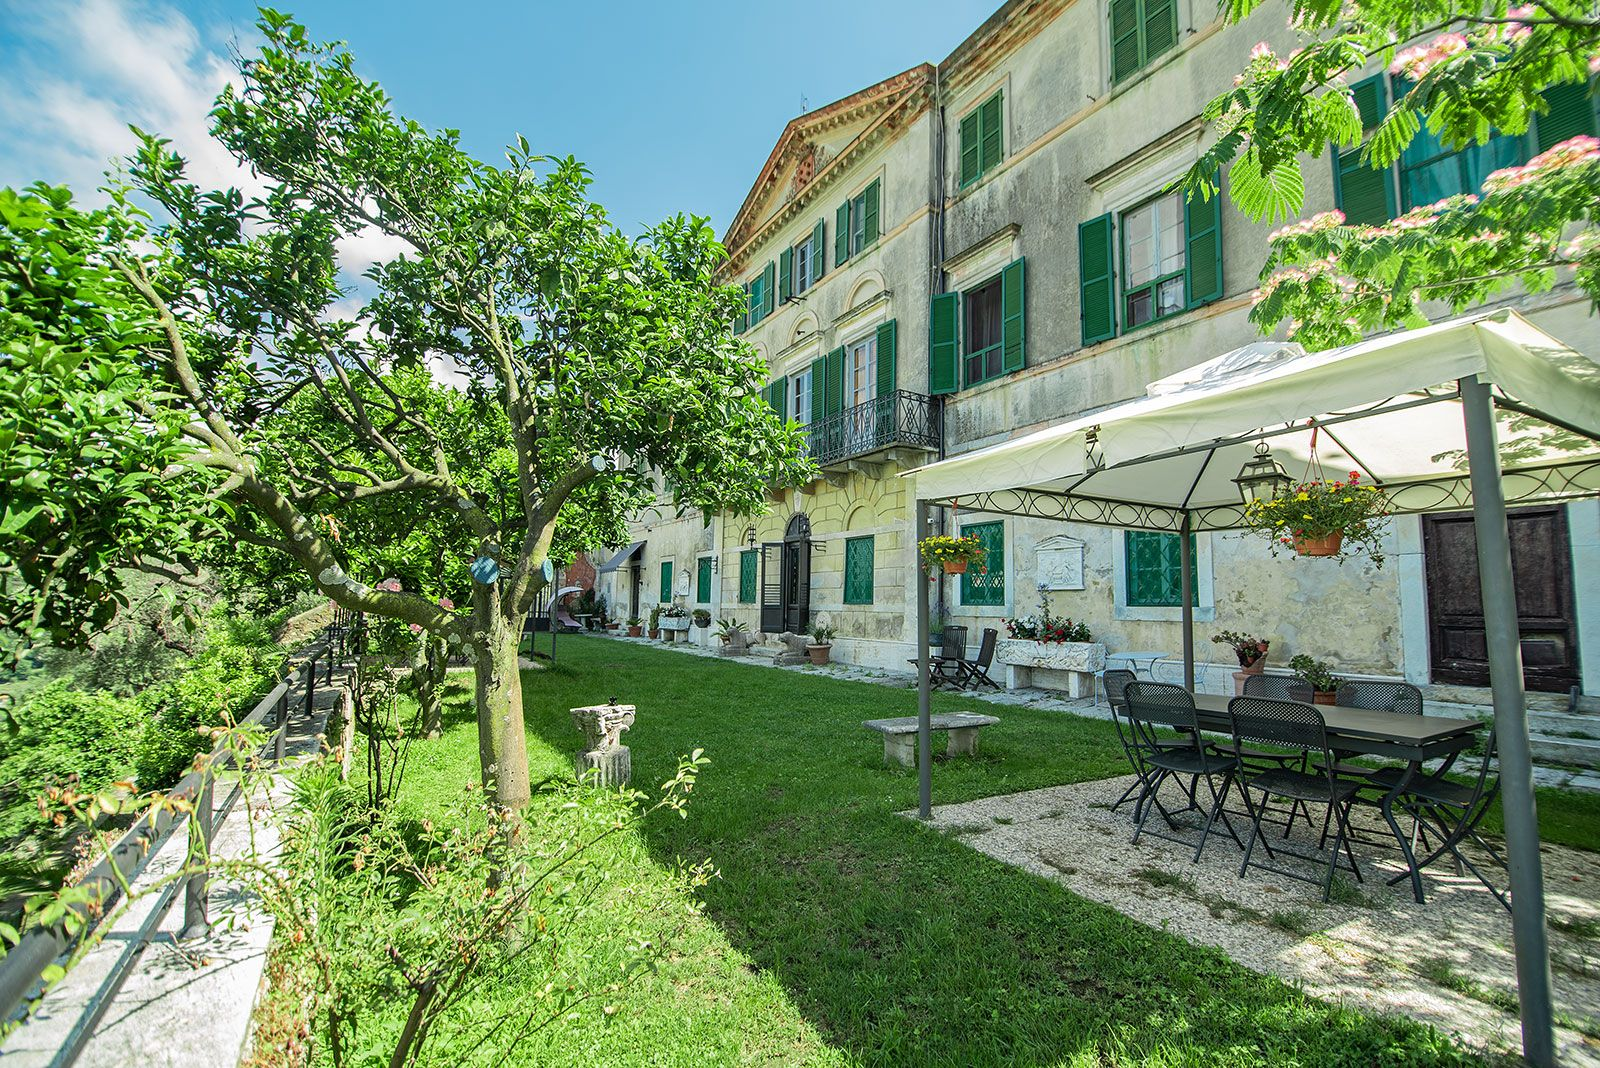 Agriturismo Villa Cavallini foto 1